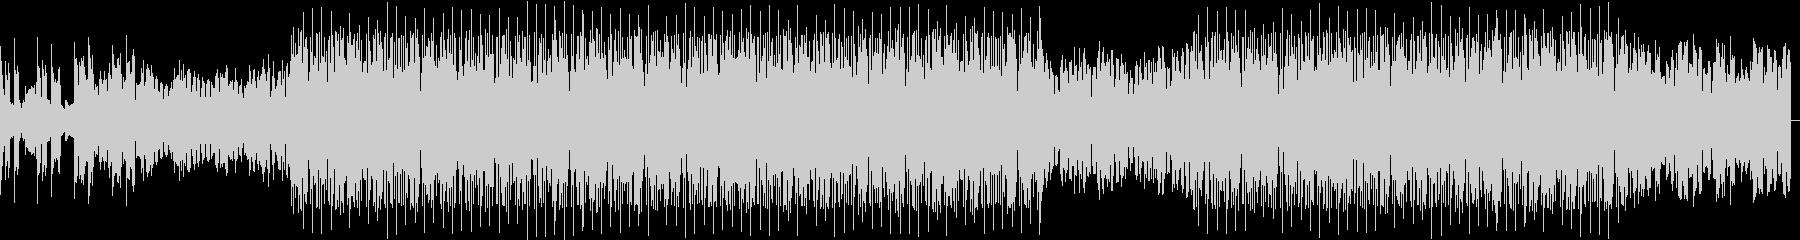 bpm112 ボコーダーEDMエレクトロの未再生の波形